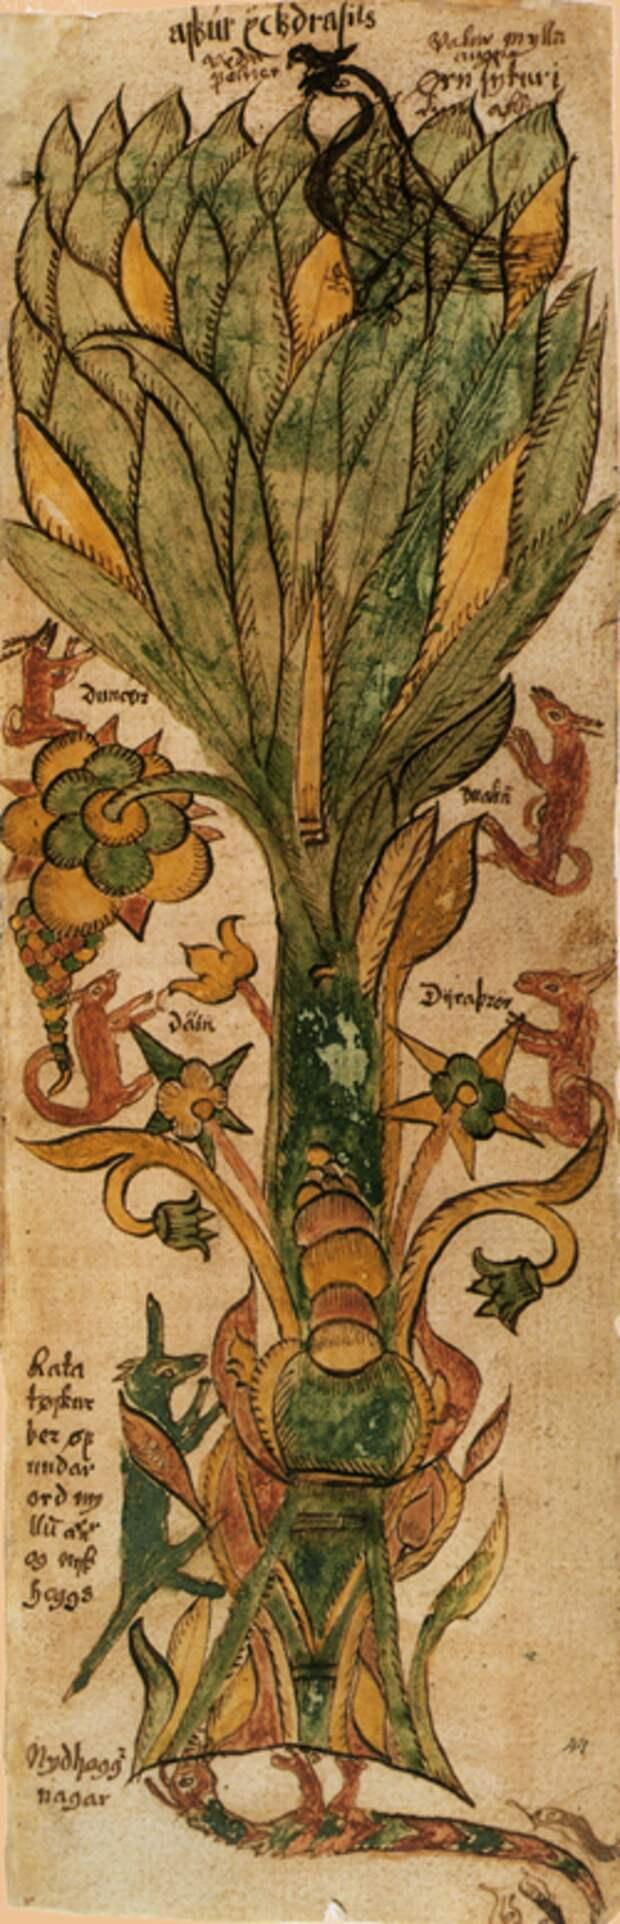 Боги Асгада и ещё о скандинавской мифологии. (3 статьи)